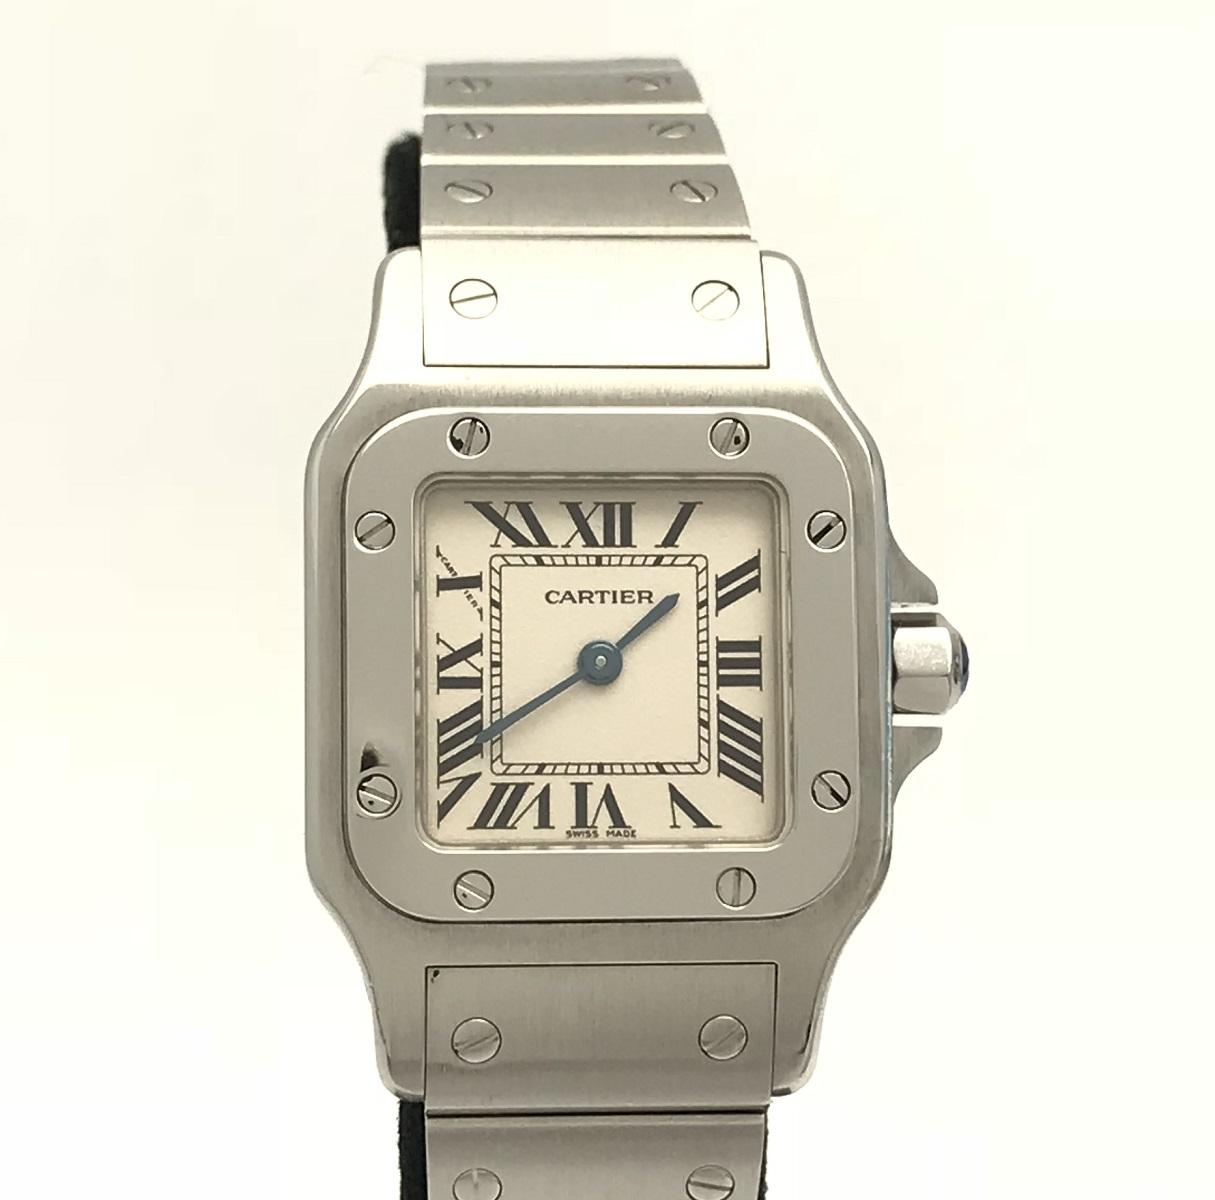 カルティエ Cartier サントスガルベ レディース ステンレス クォーツ 白文字盤 2009年 腕時計 送料無料 【トレジャースポット】【中古】